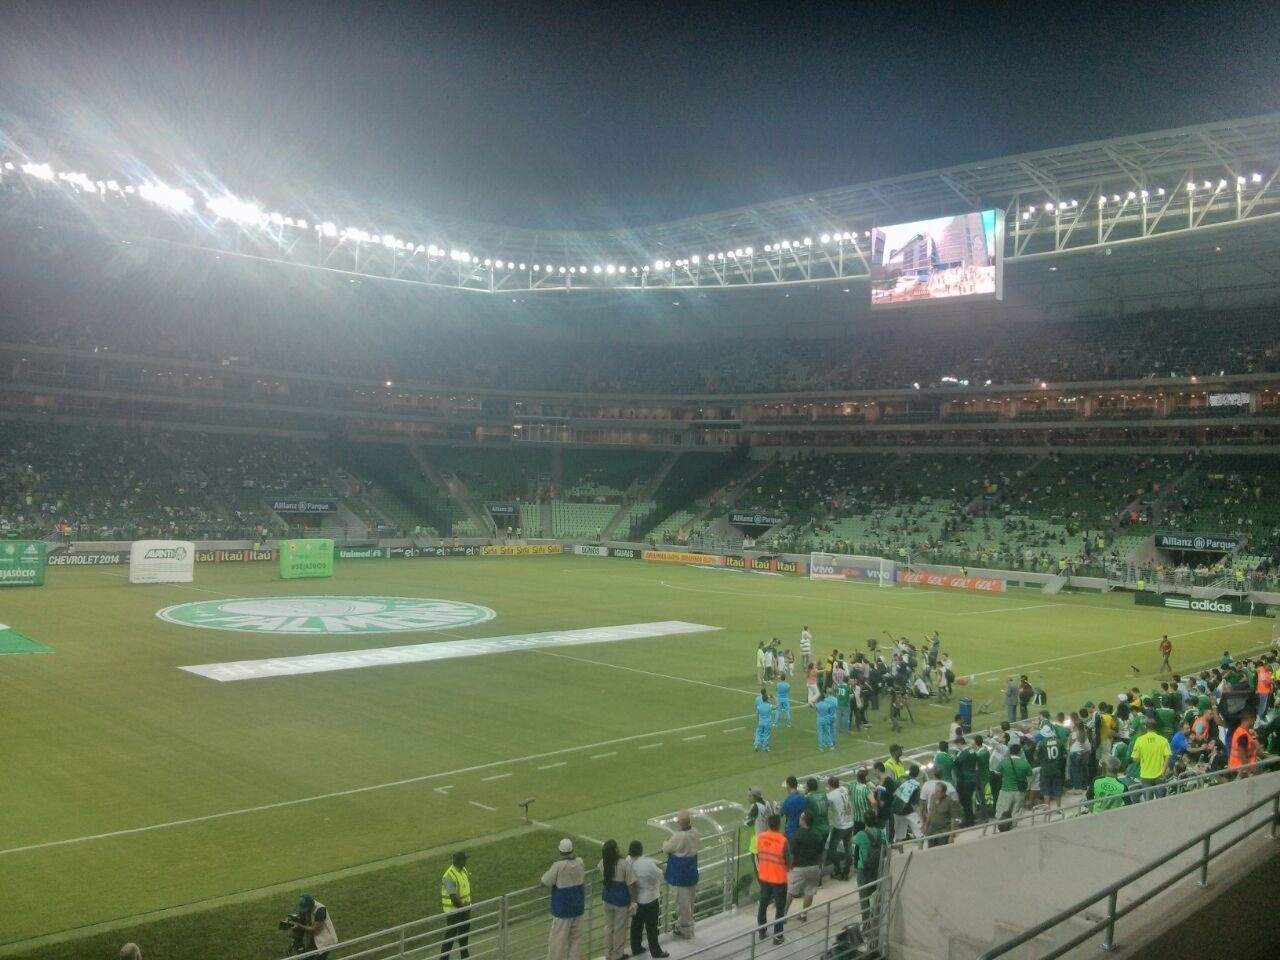 Torcedor do Palmeiras mostra sua visão no interior da Arena Palestra